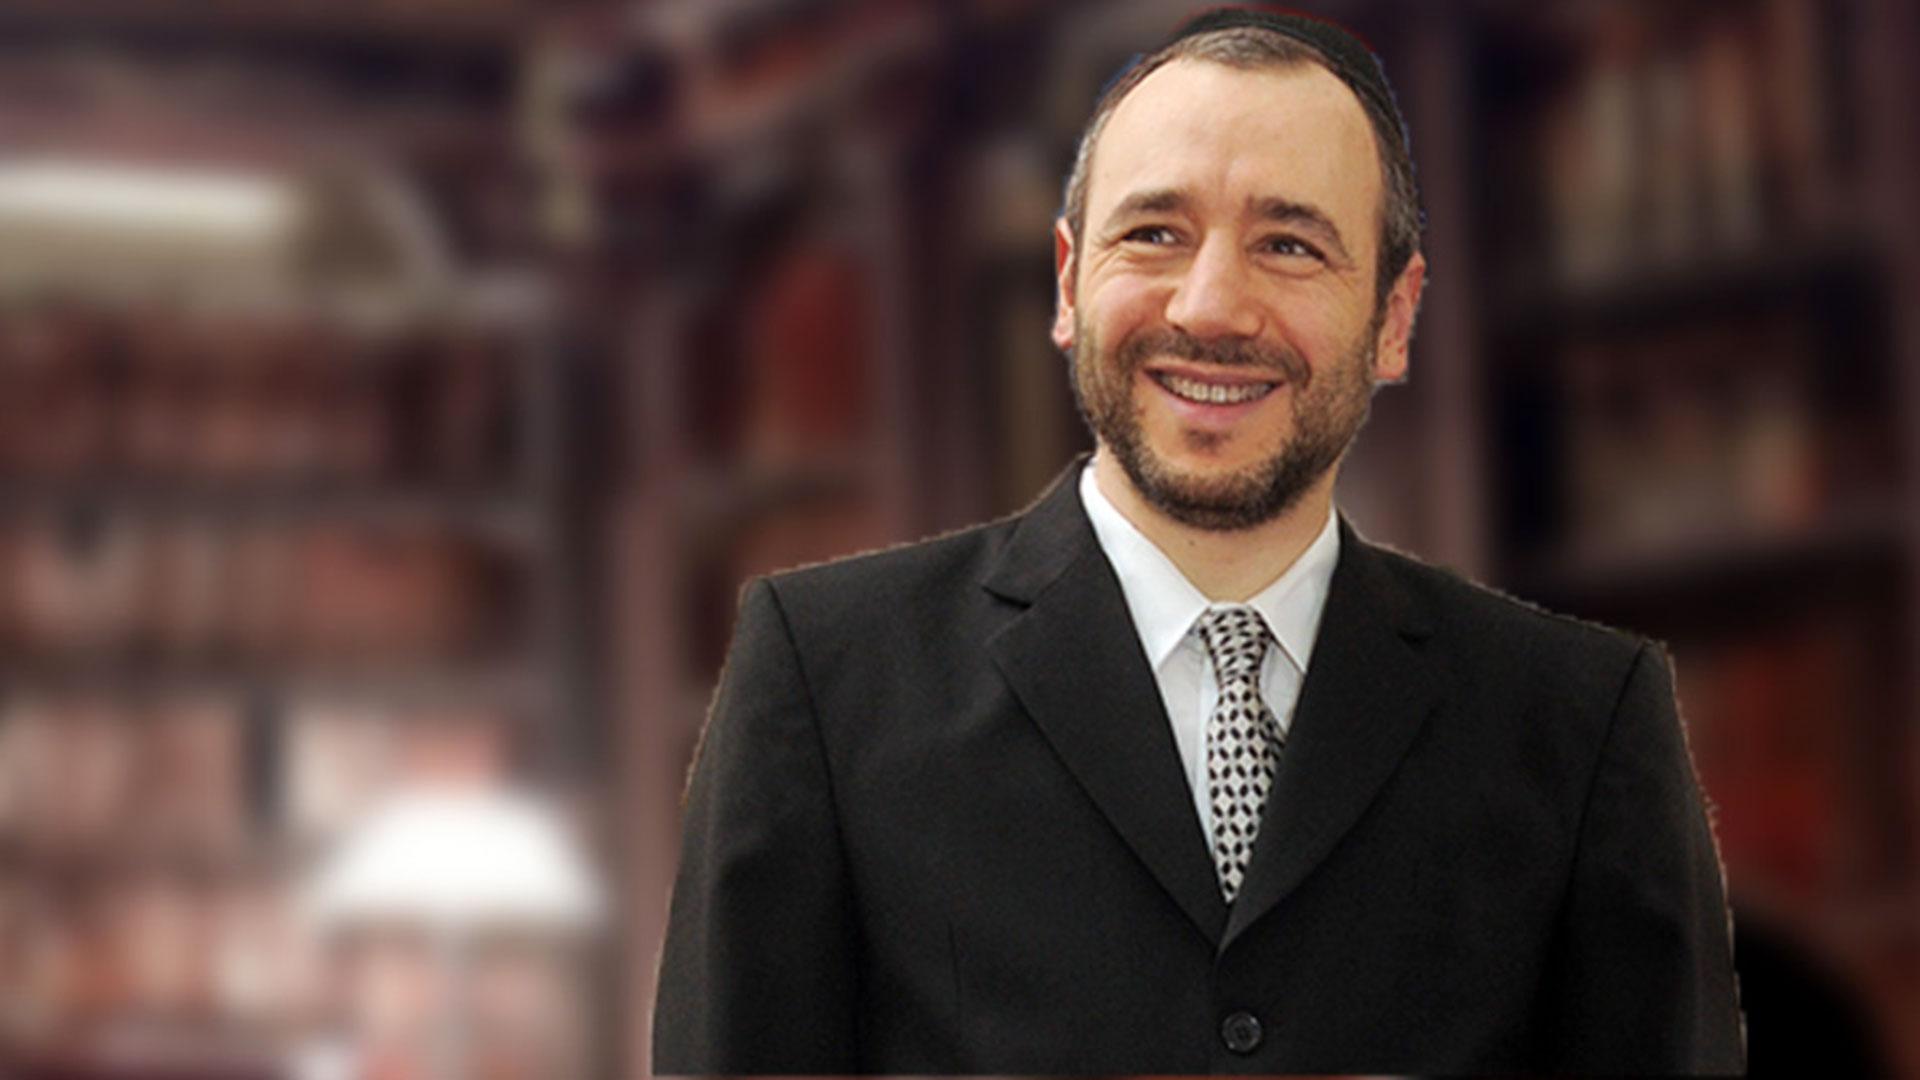 El Rabino Fernando Szlajen, flamante miembro de la Pontificia Academia para la Vida, recién designado por el papa Francisco